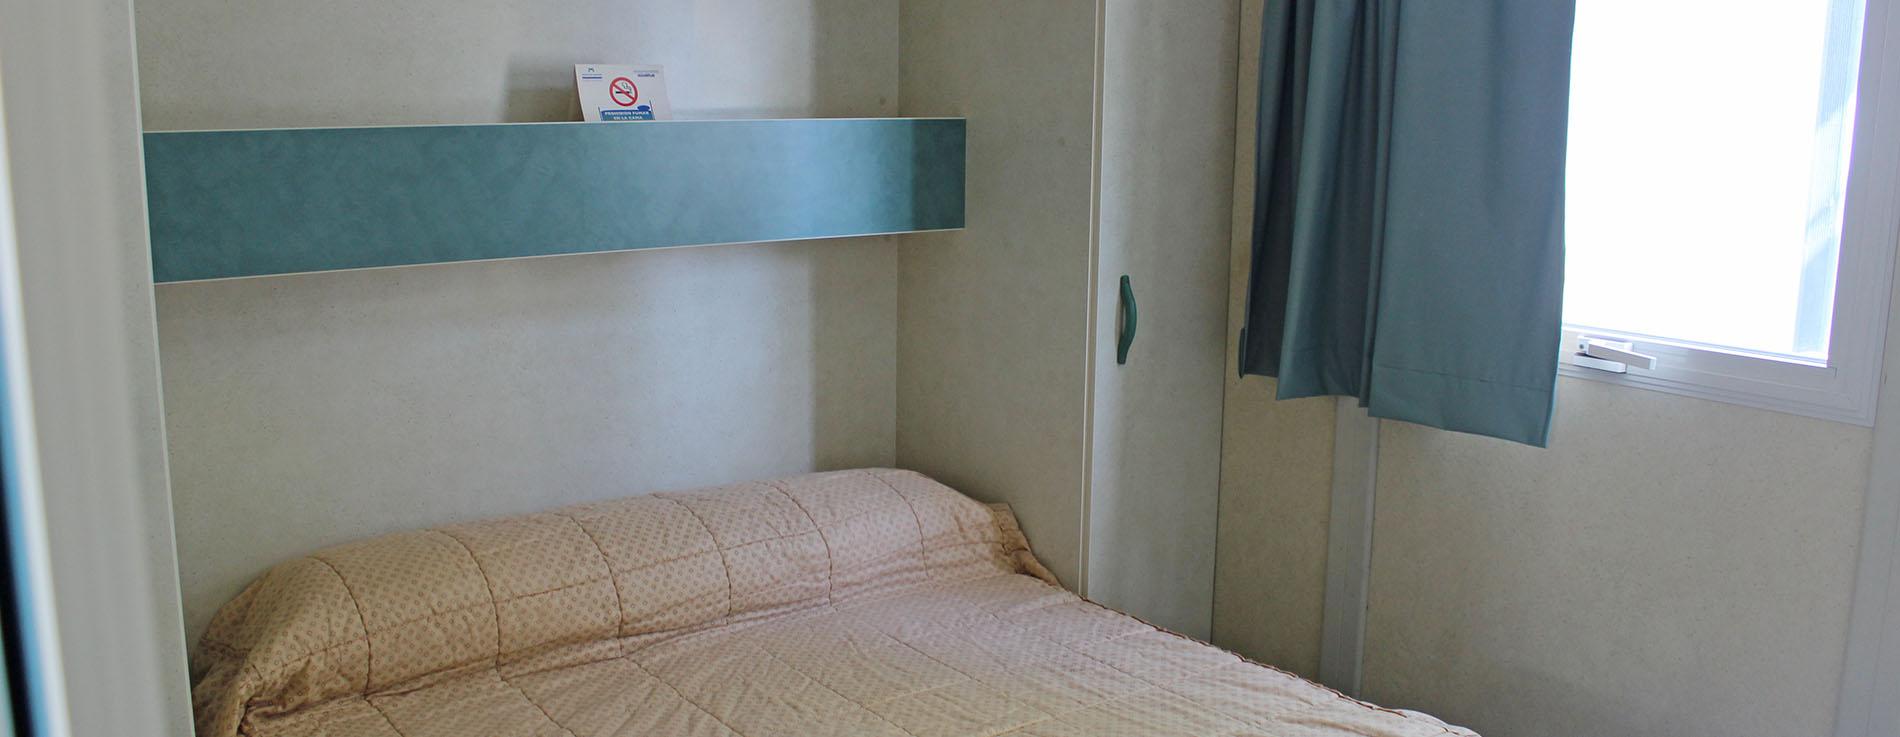 Comodas instalaciones de un cuidado camping en plena costa azahar